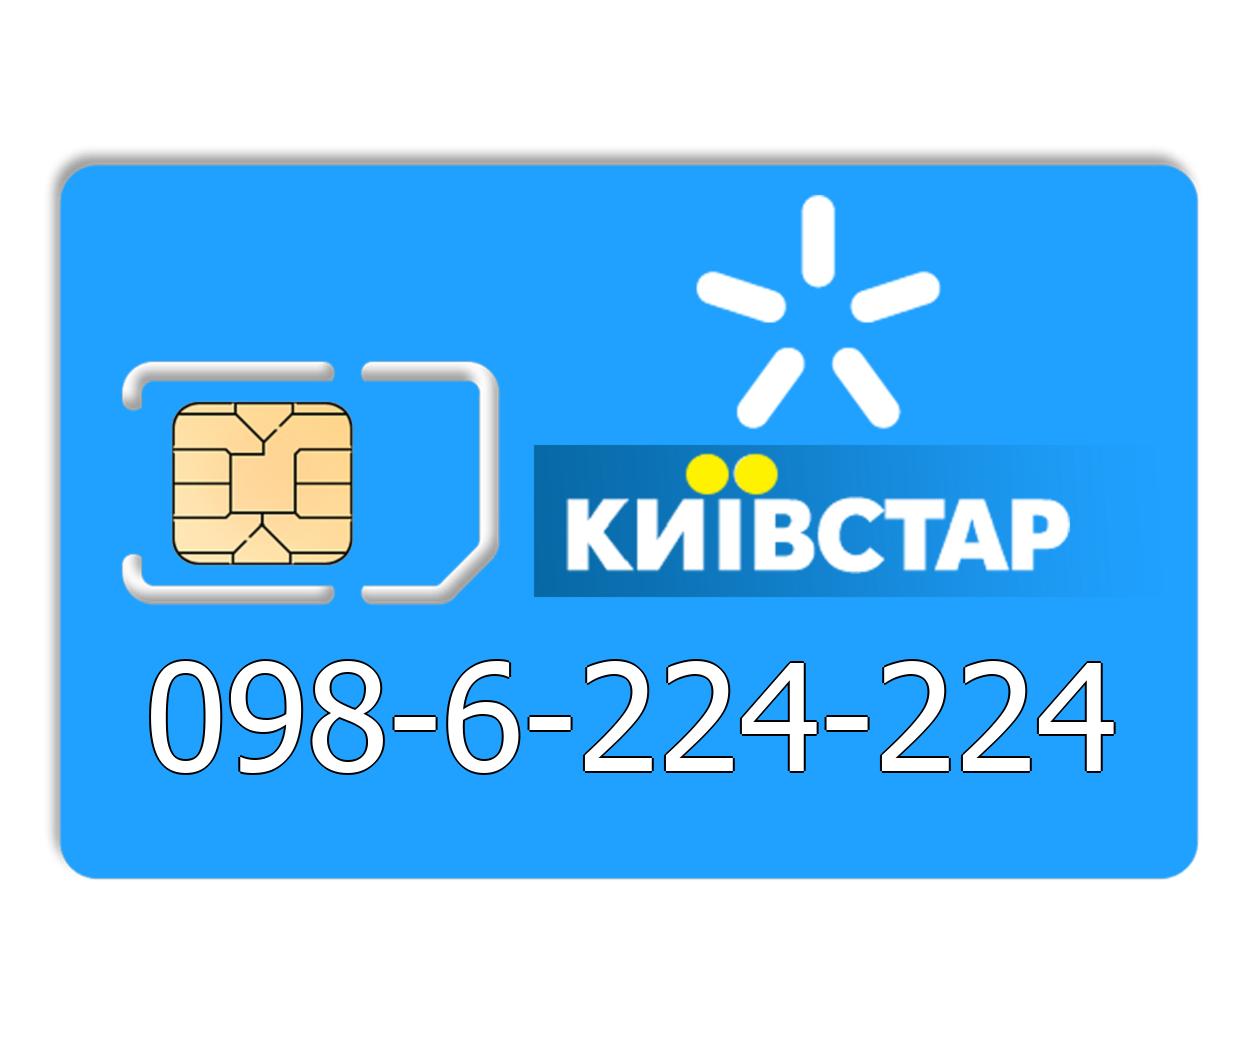 Красивый номер Киевстар 098-6-224-224